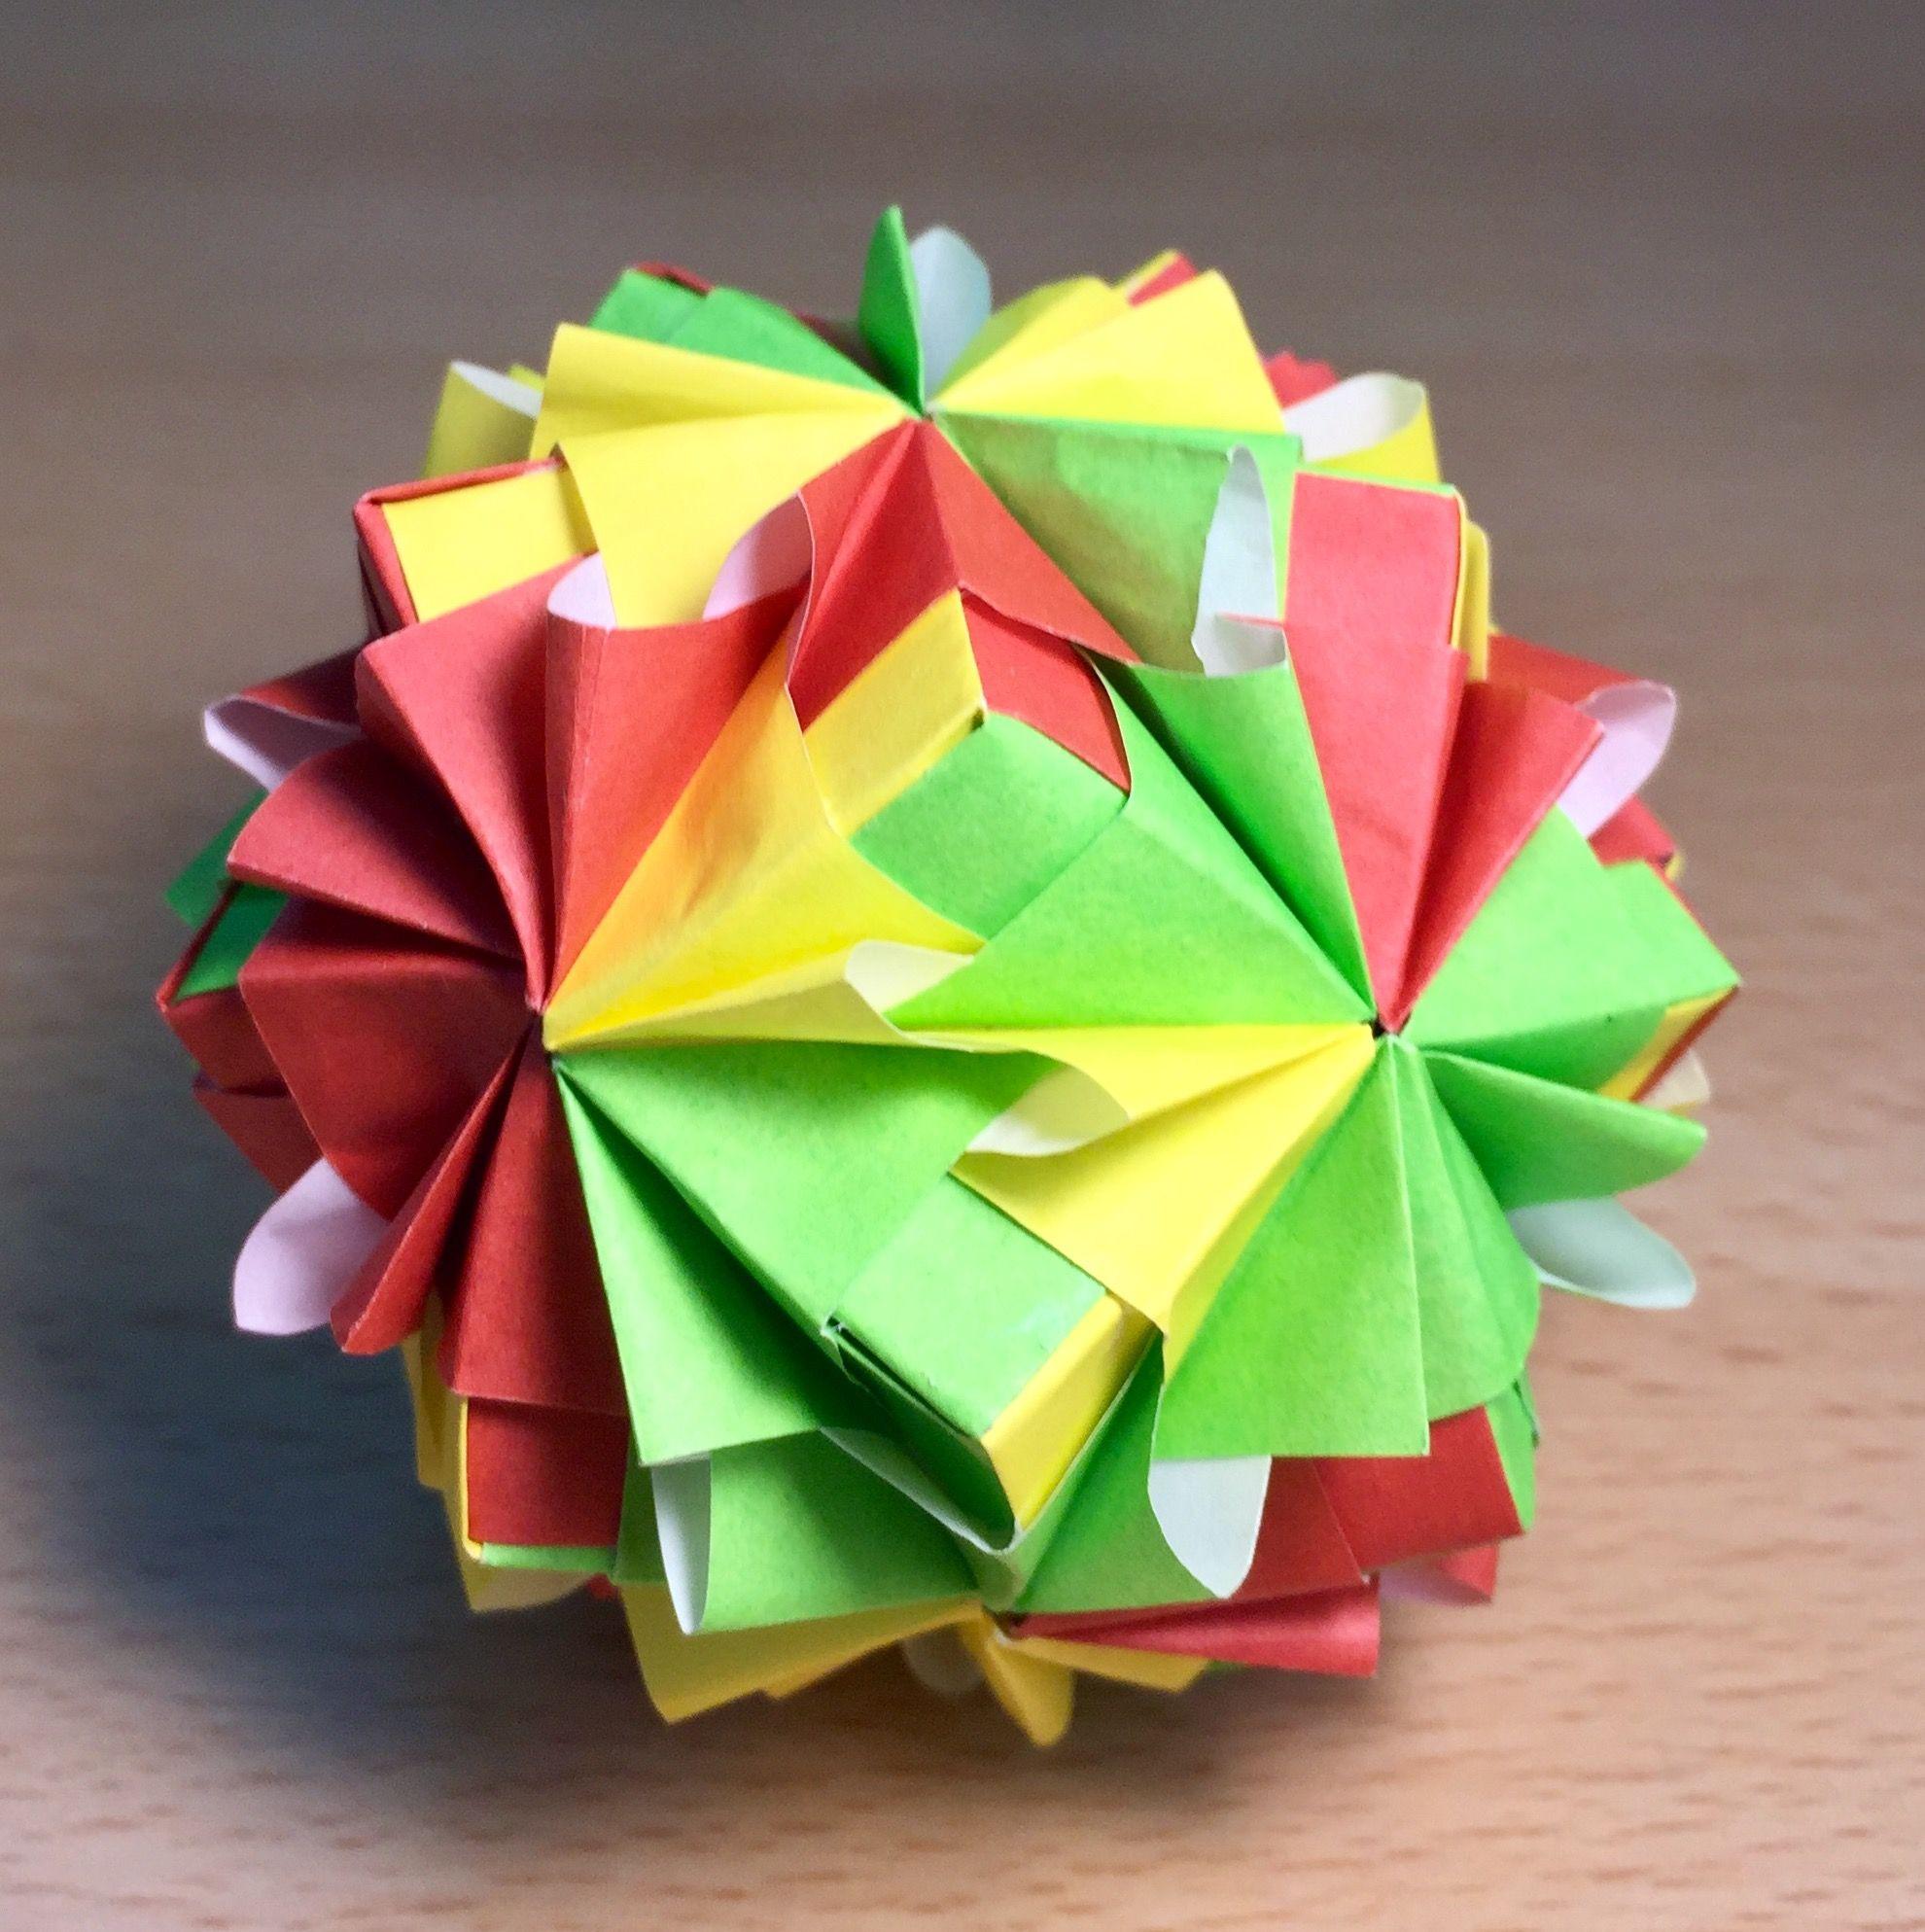 Origami flower ball origami pinterest flower ball and origami origami flower ball mightylinksfo